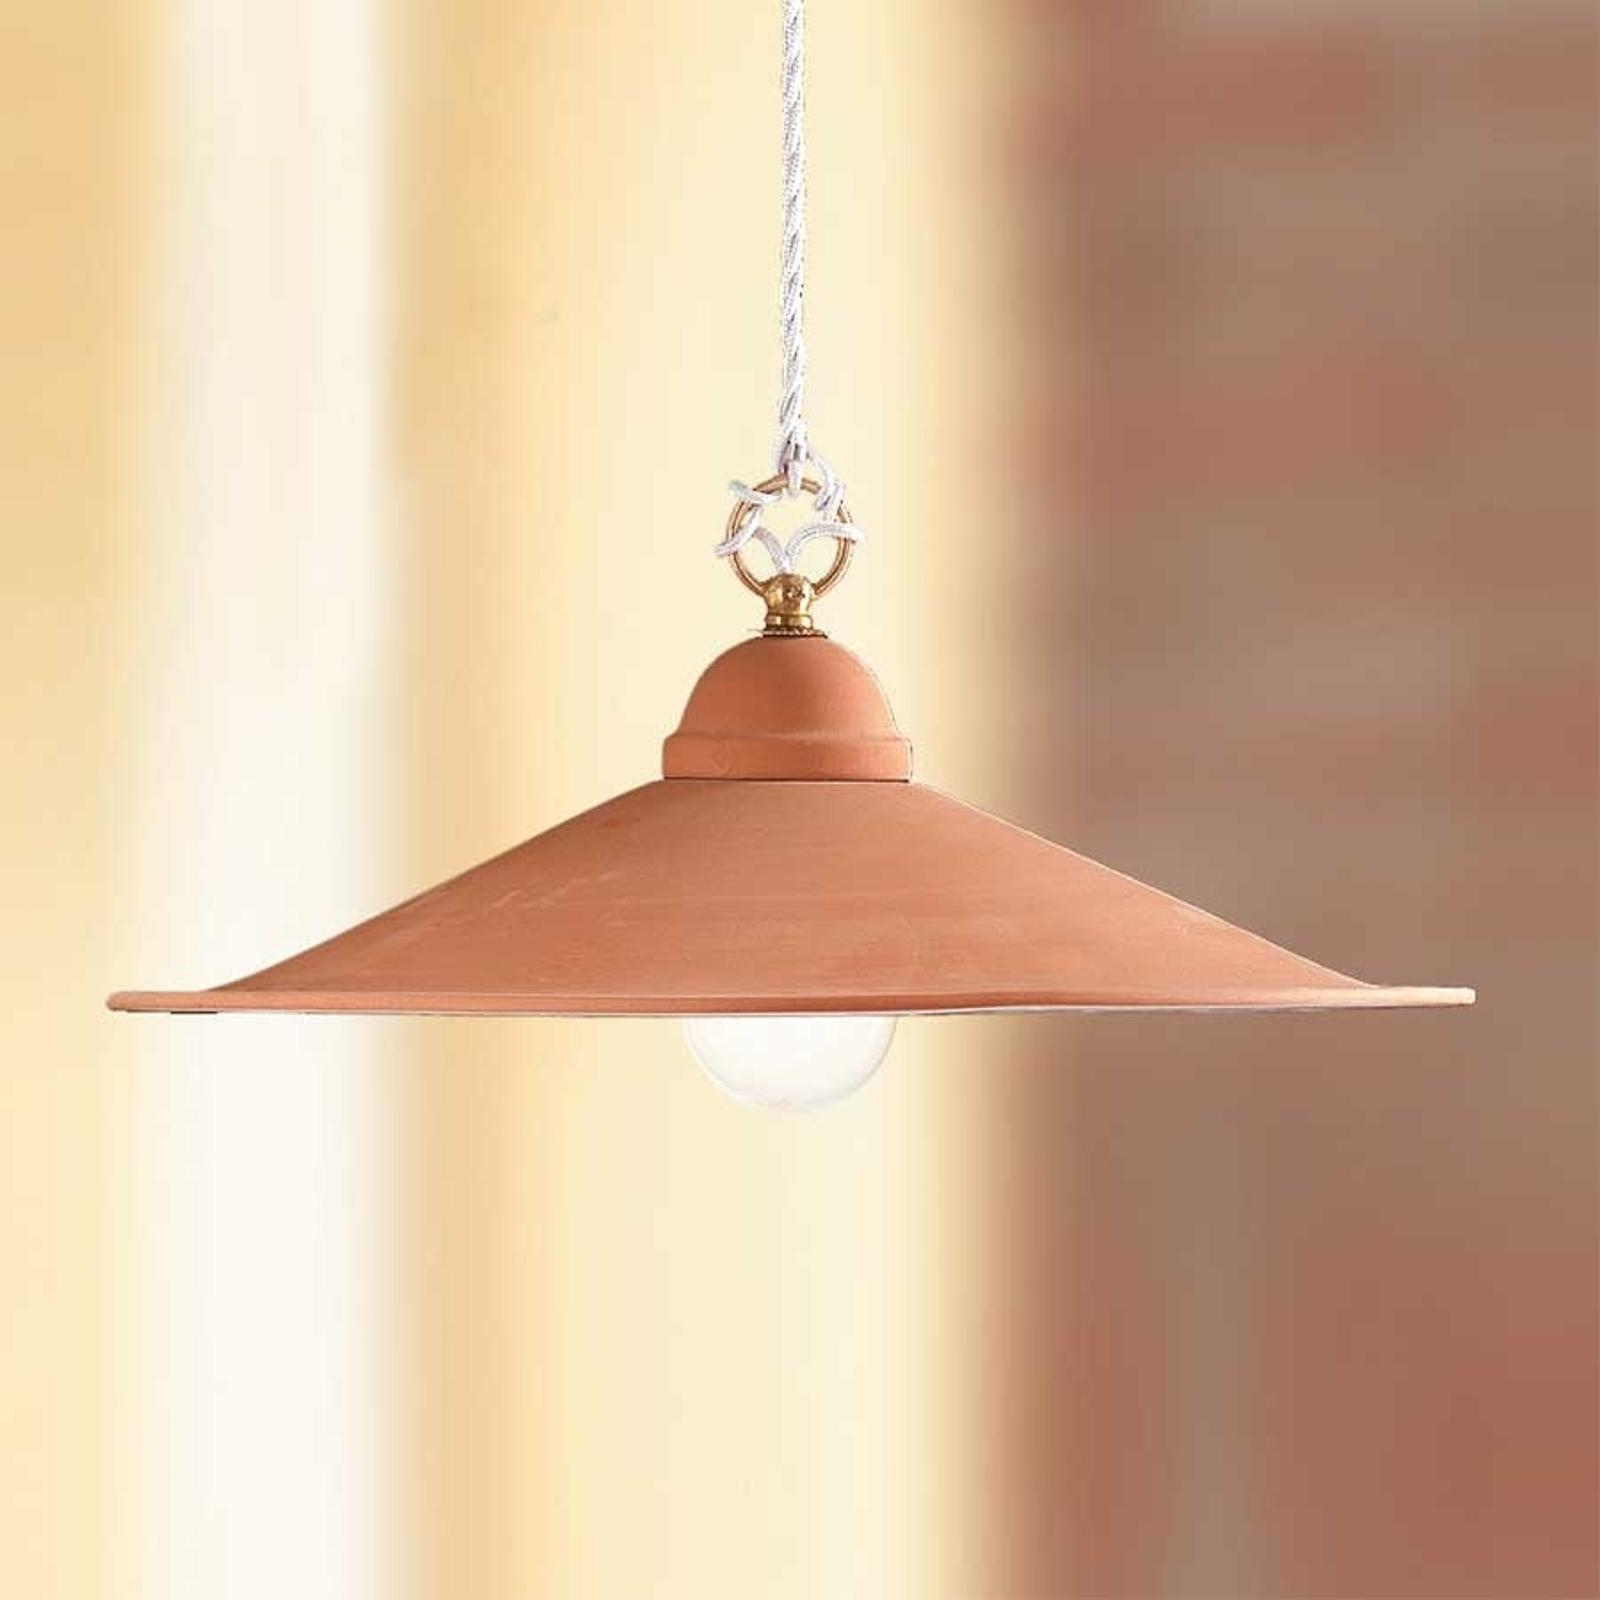 Lampada a sospensione GIULIA di ceramica, 28 cm